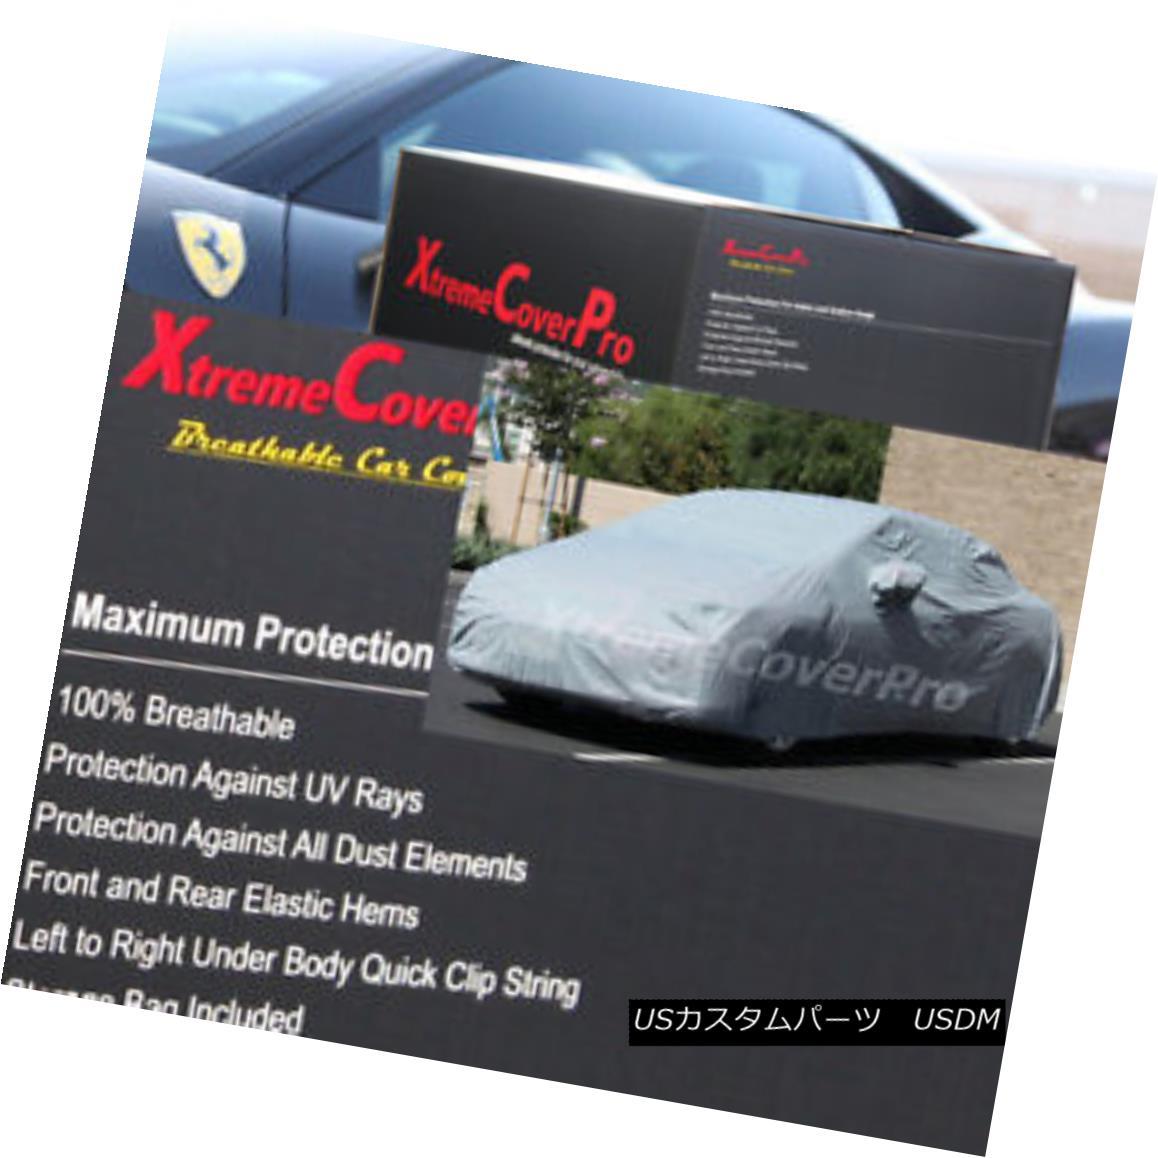 カーカバー 2003 2004 2005 2006 2007 Cadillac CTS Breathable Car Cover w/MirrorPocket 2003 2004 2005 2006 2007キャデラックCTS通気性カーカバー付き(MirrorPocket)